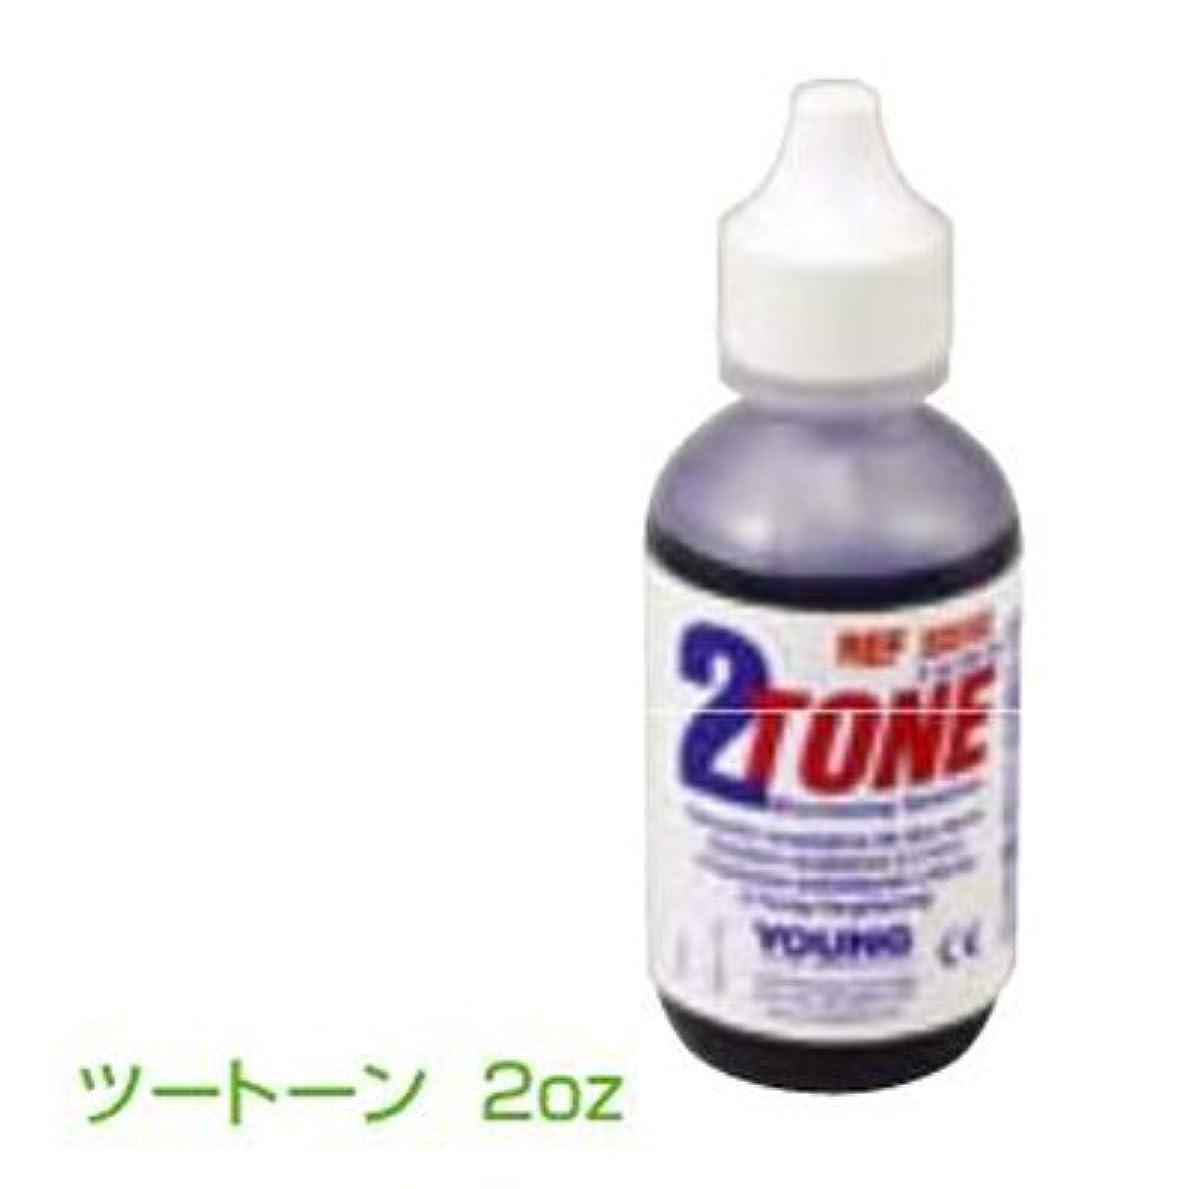 オデュッセウス癒すストレッチツートーン 2oz(歯垢染色剤)【歯科医院専売品】